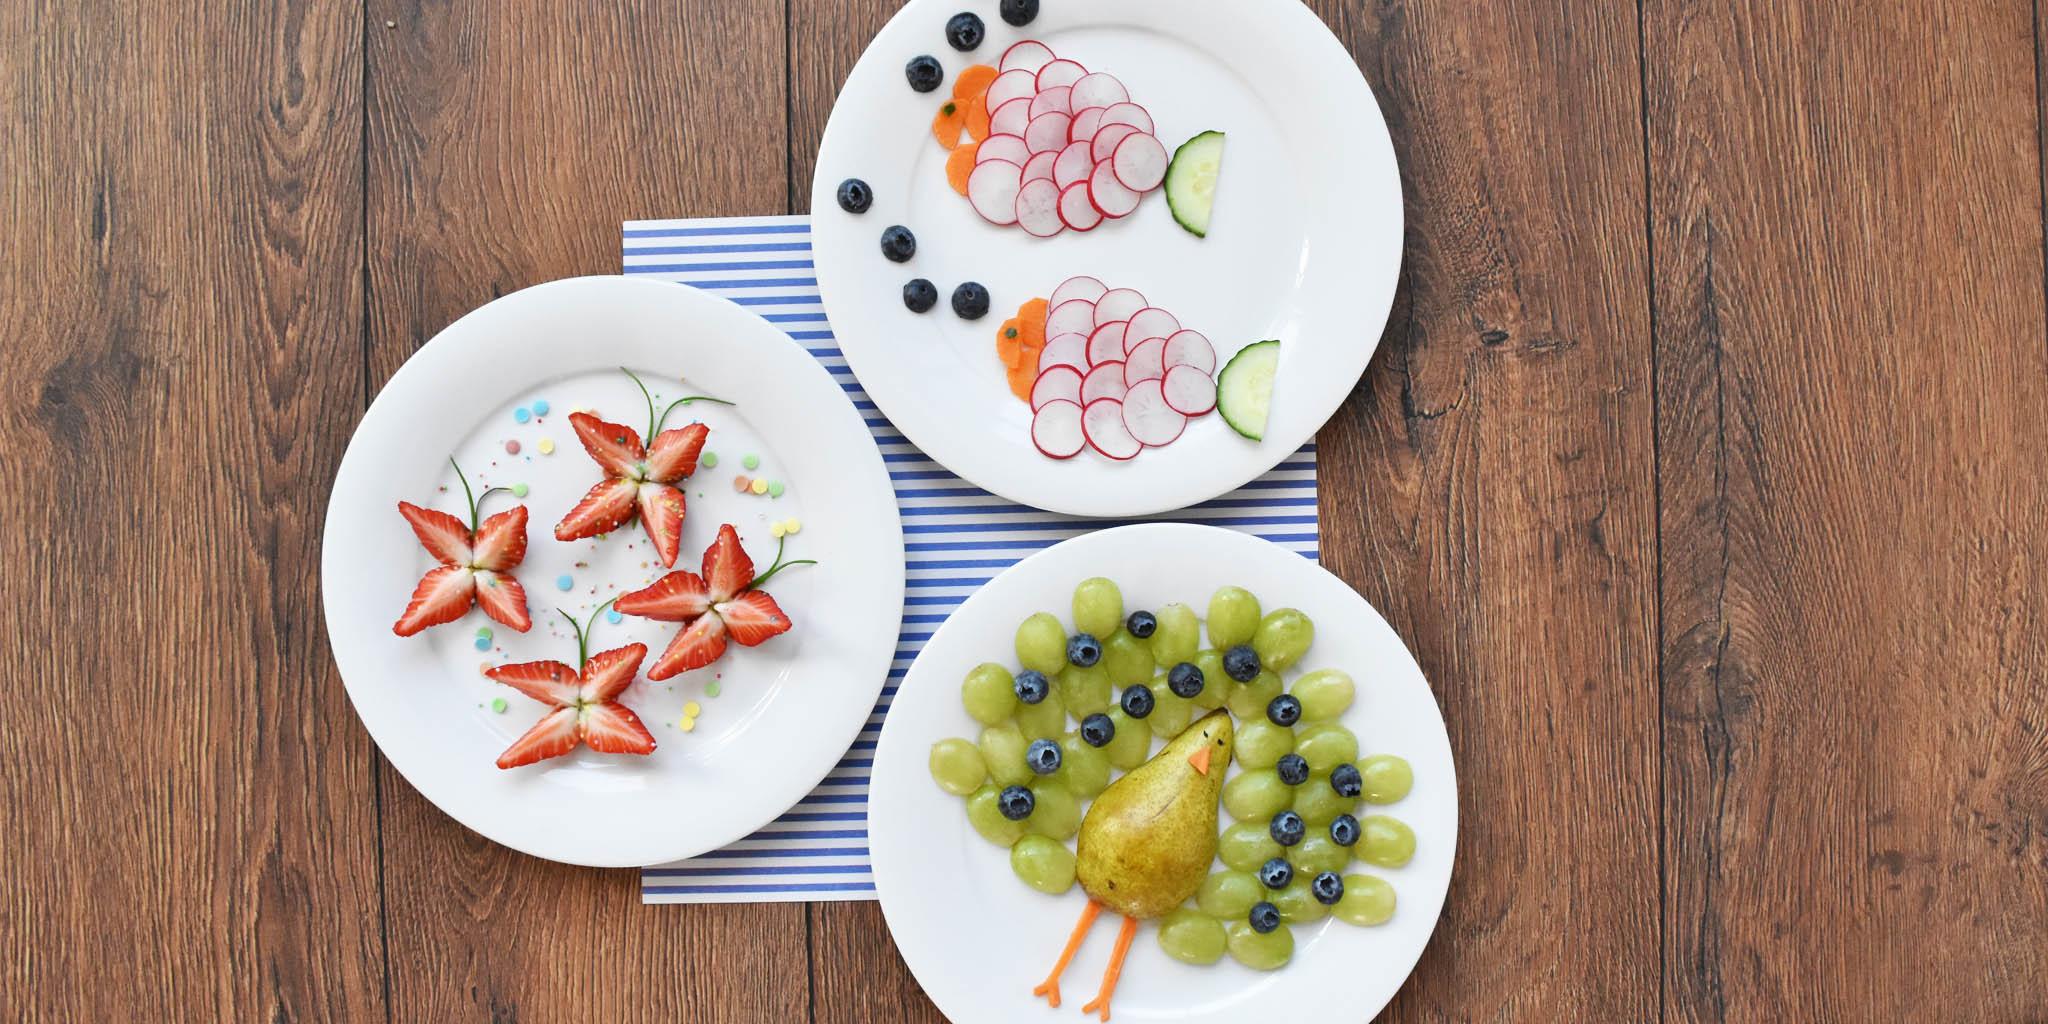 Alimentação saudável e divertida